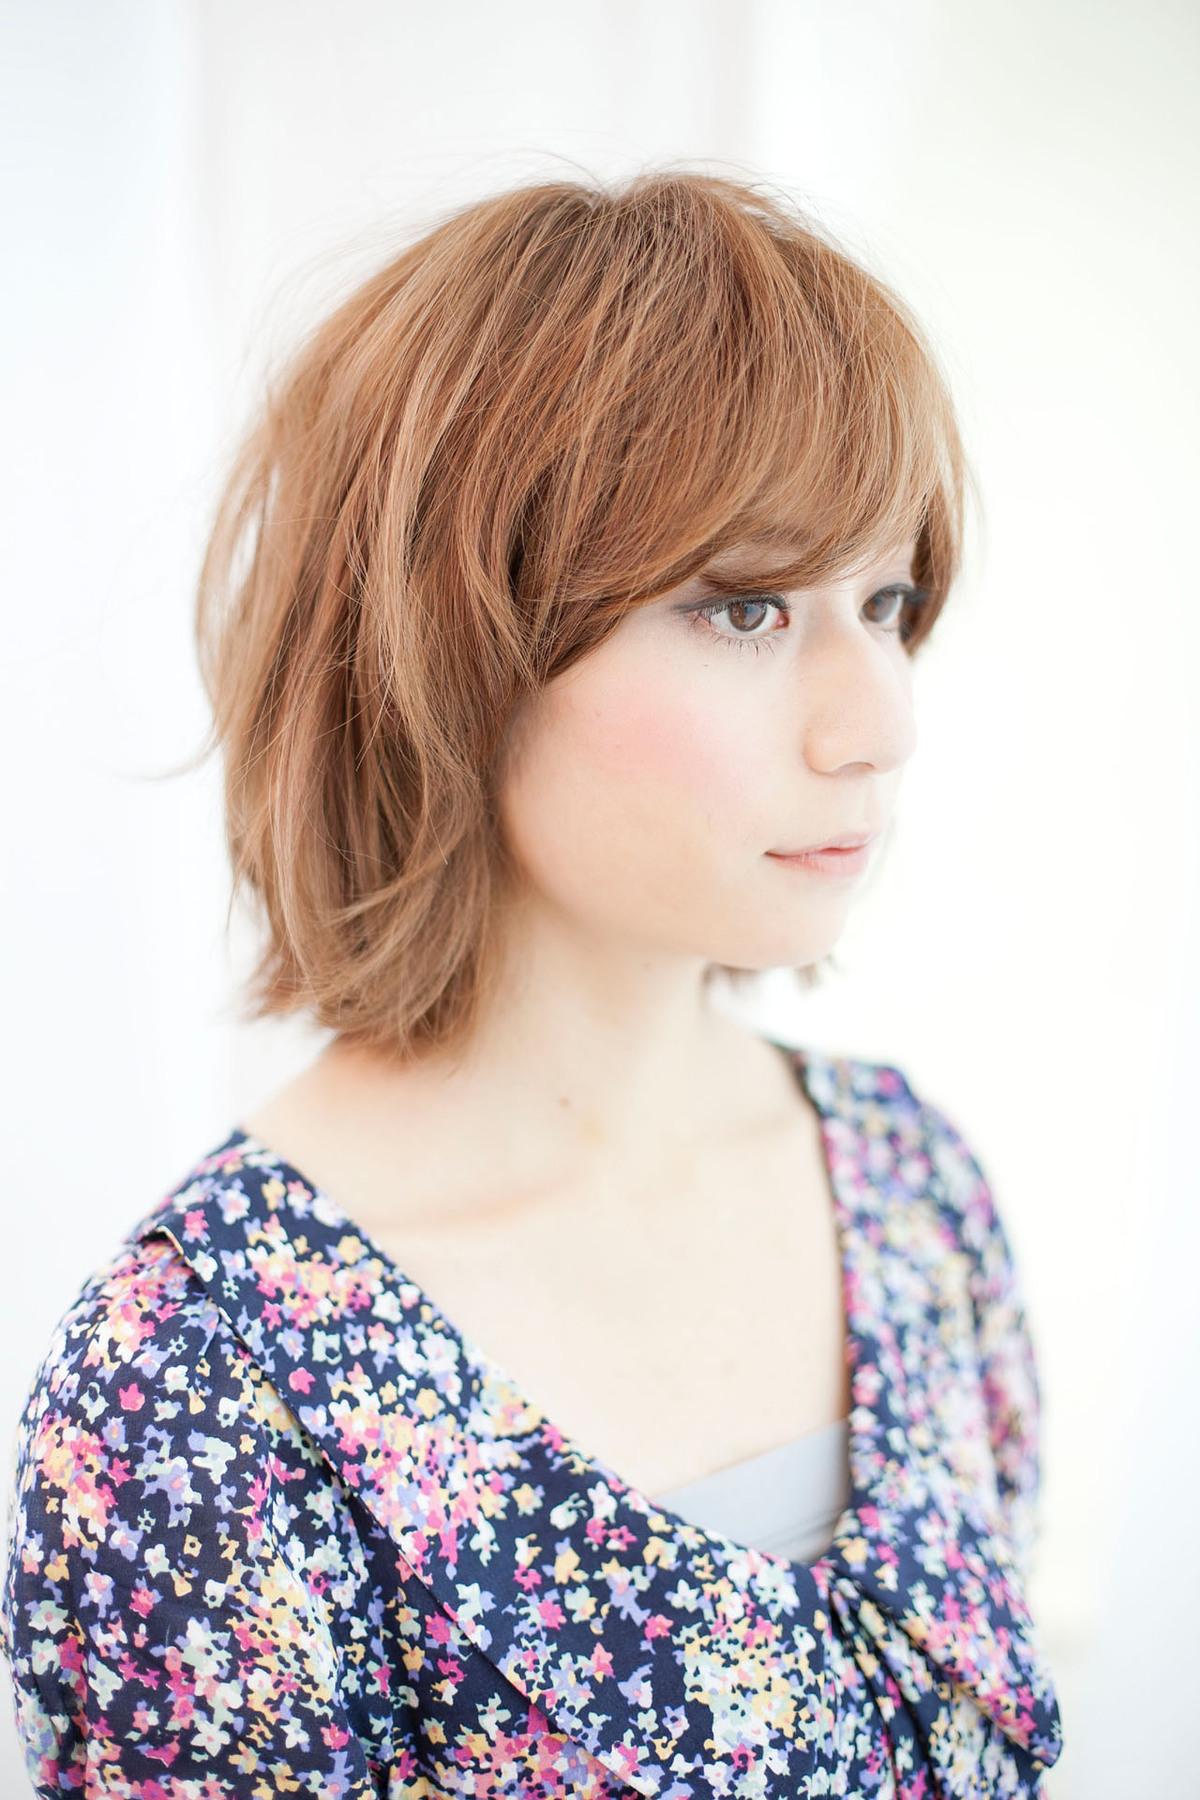 空気感たっぷりのヘアスタイルでかわいらしい女の子っぽいスタイルに